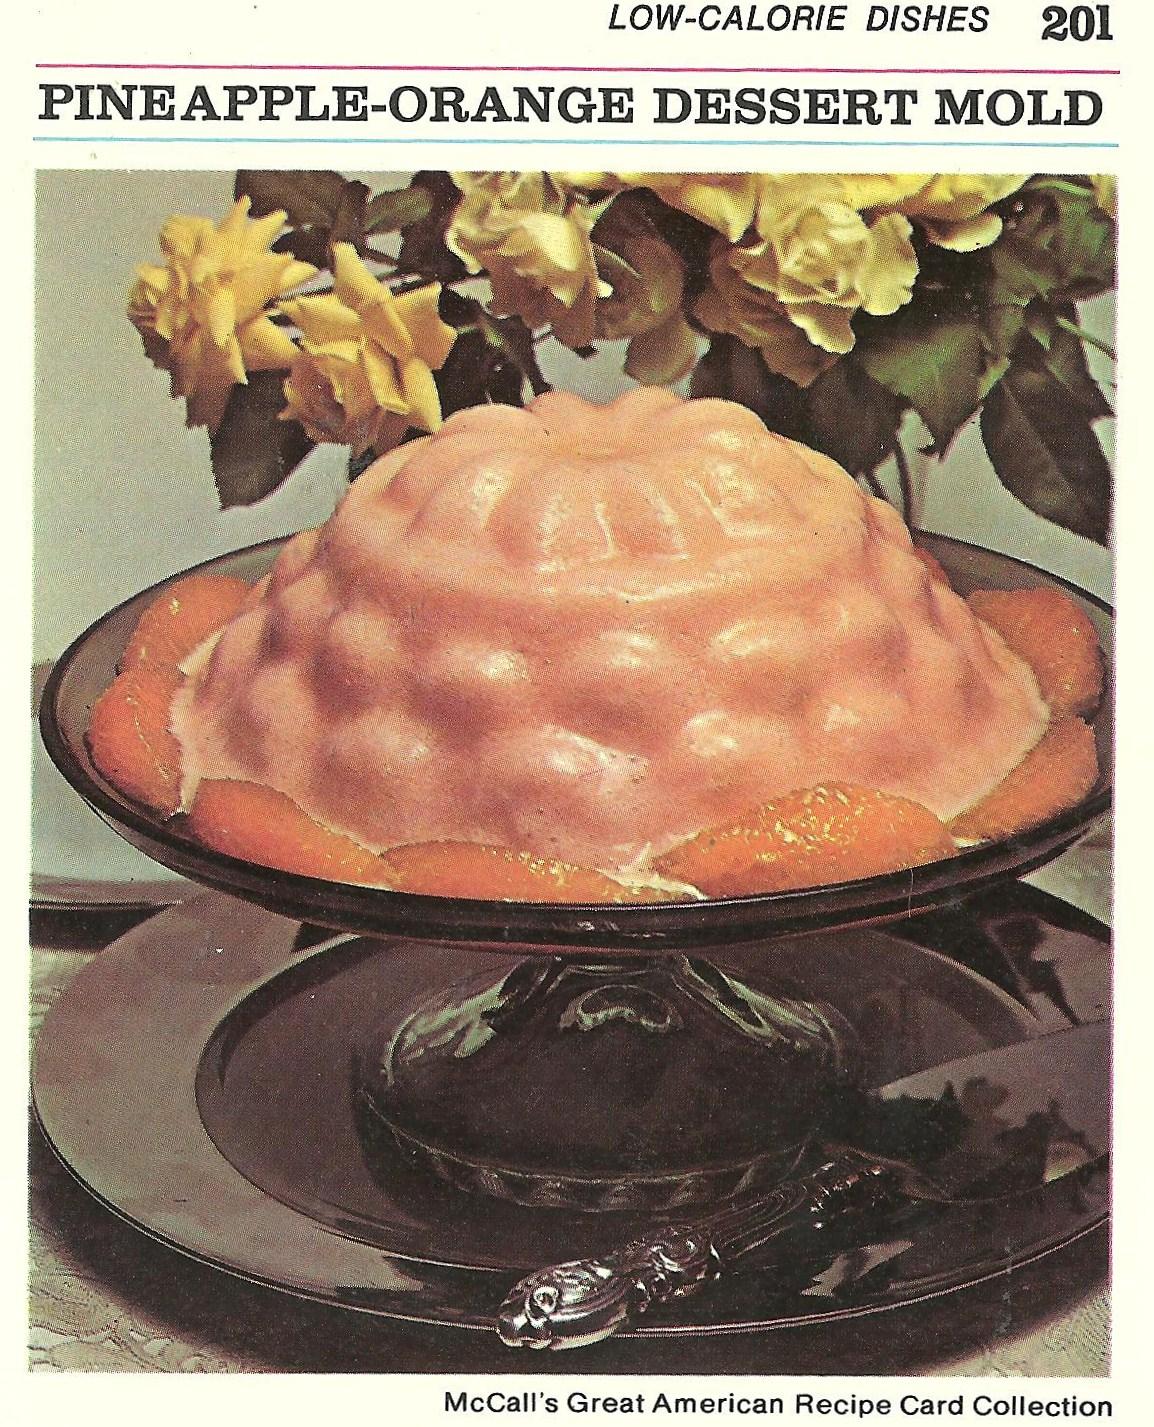 En natuurlijk ananas-sinaasappel in gelatine als toetje